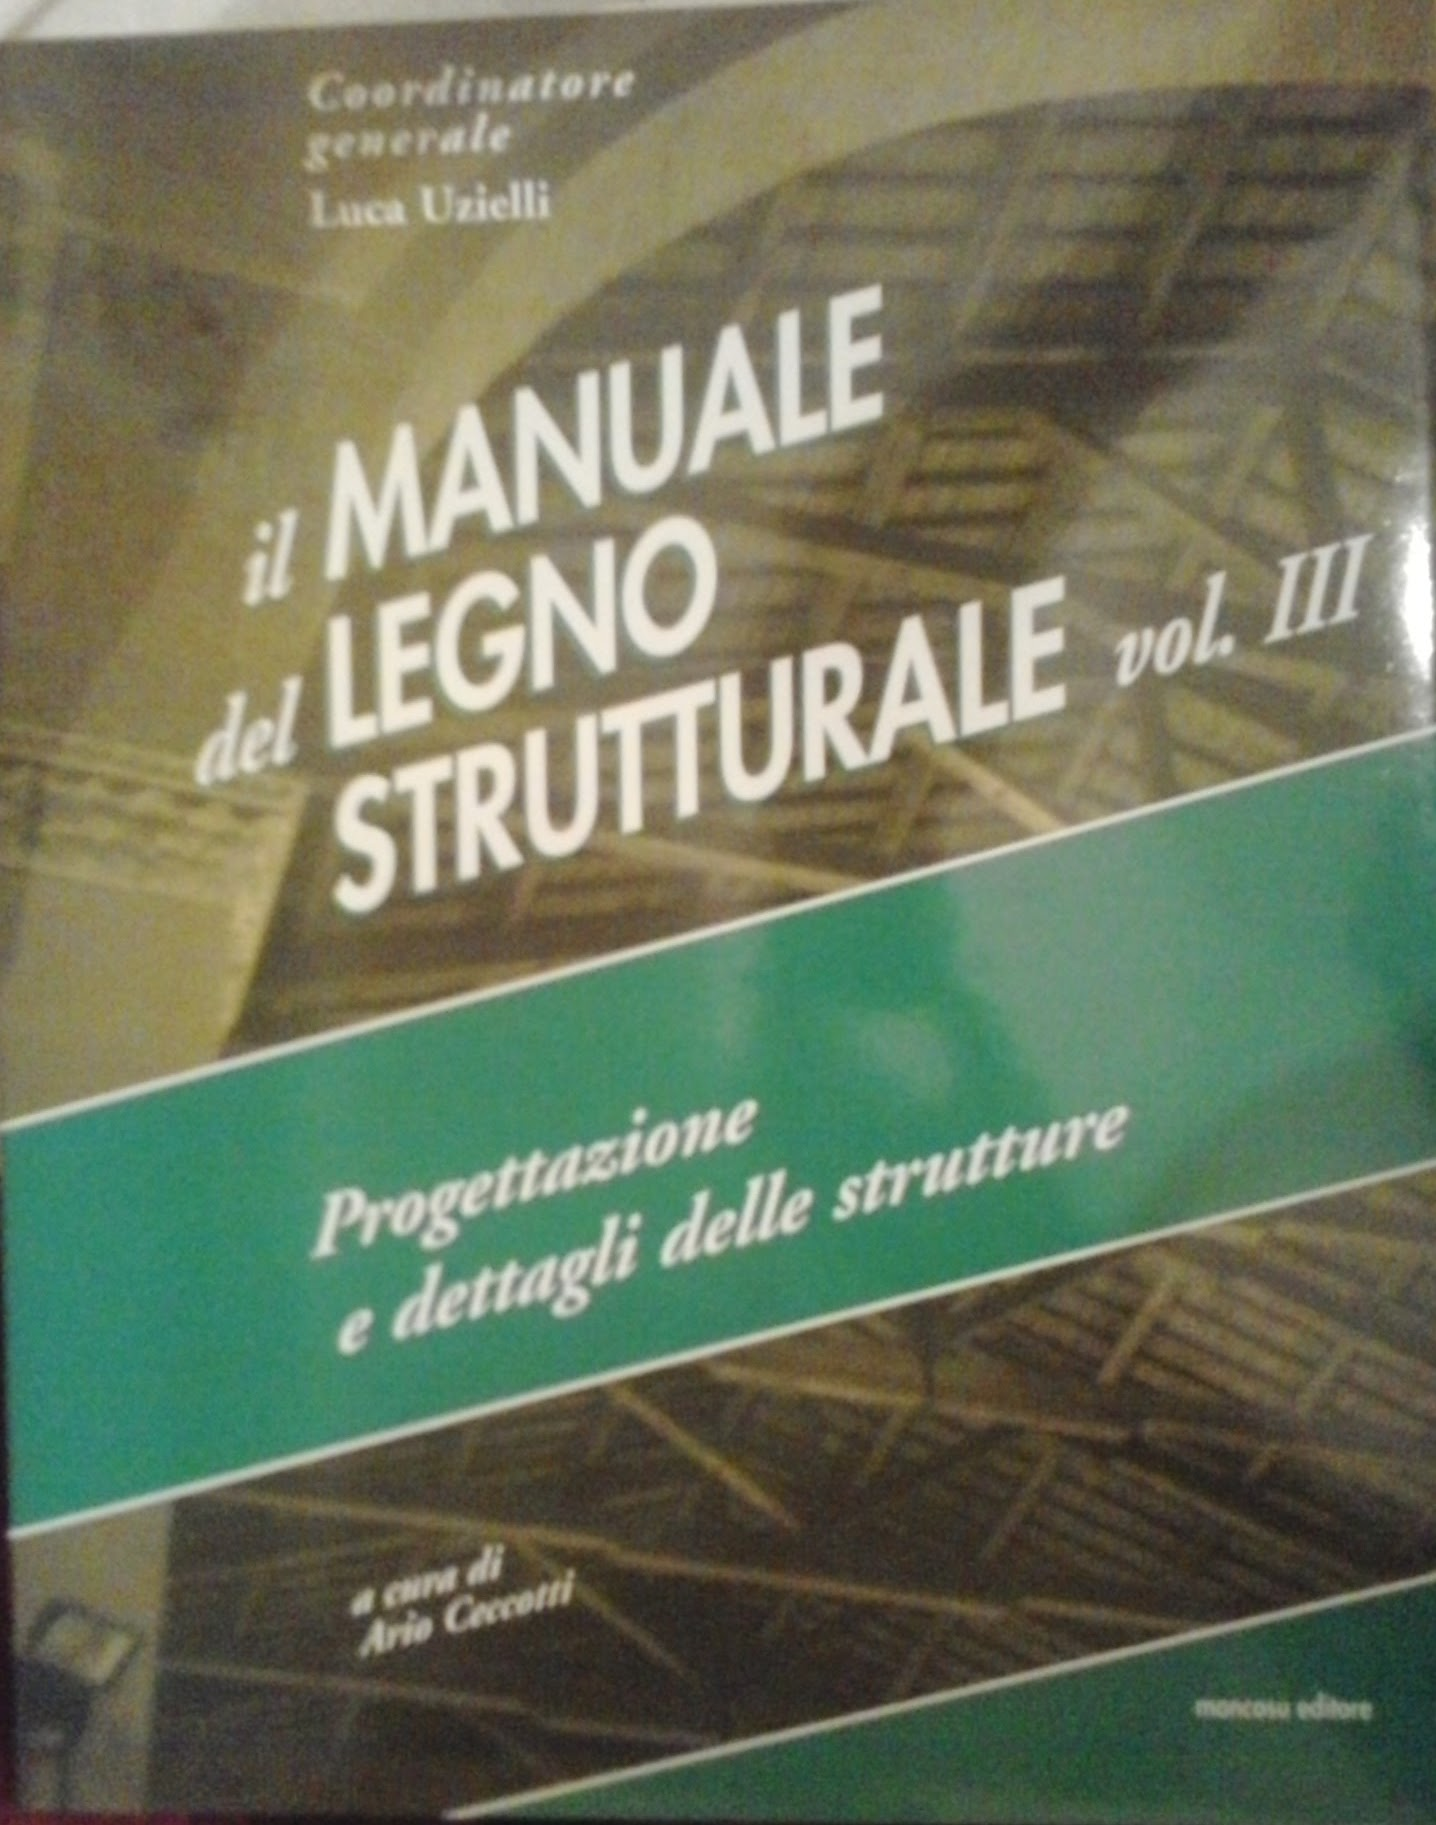 Il Manuale del legno strutturale